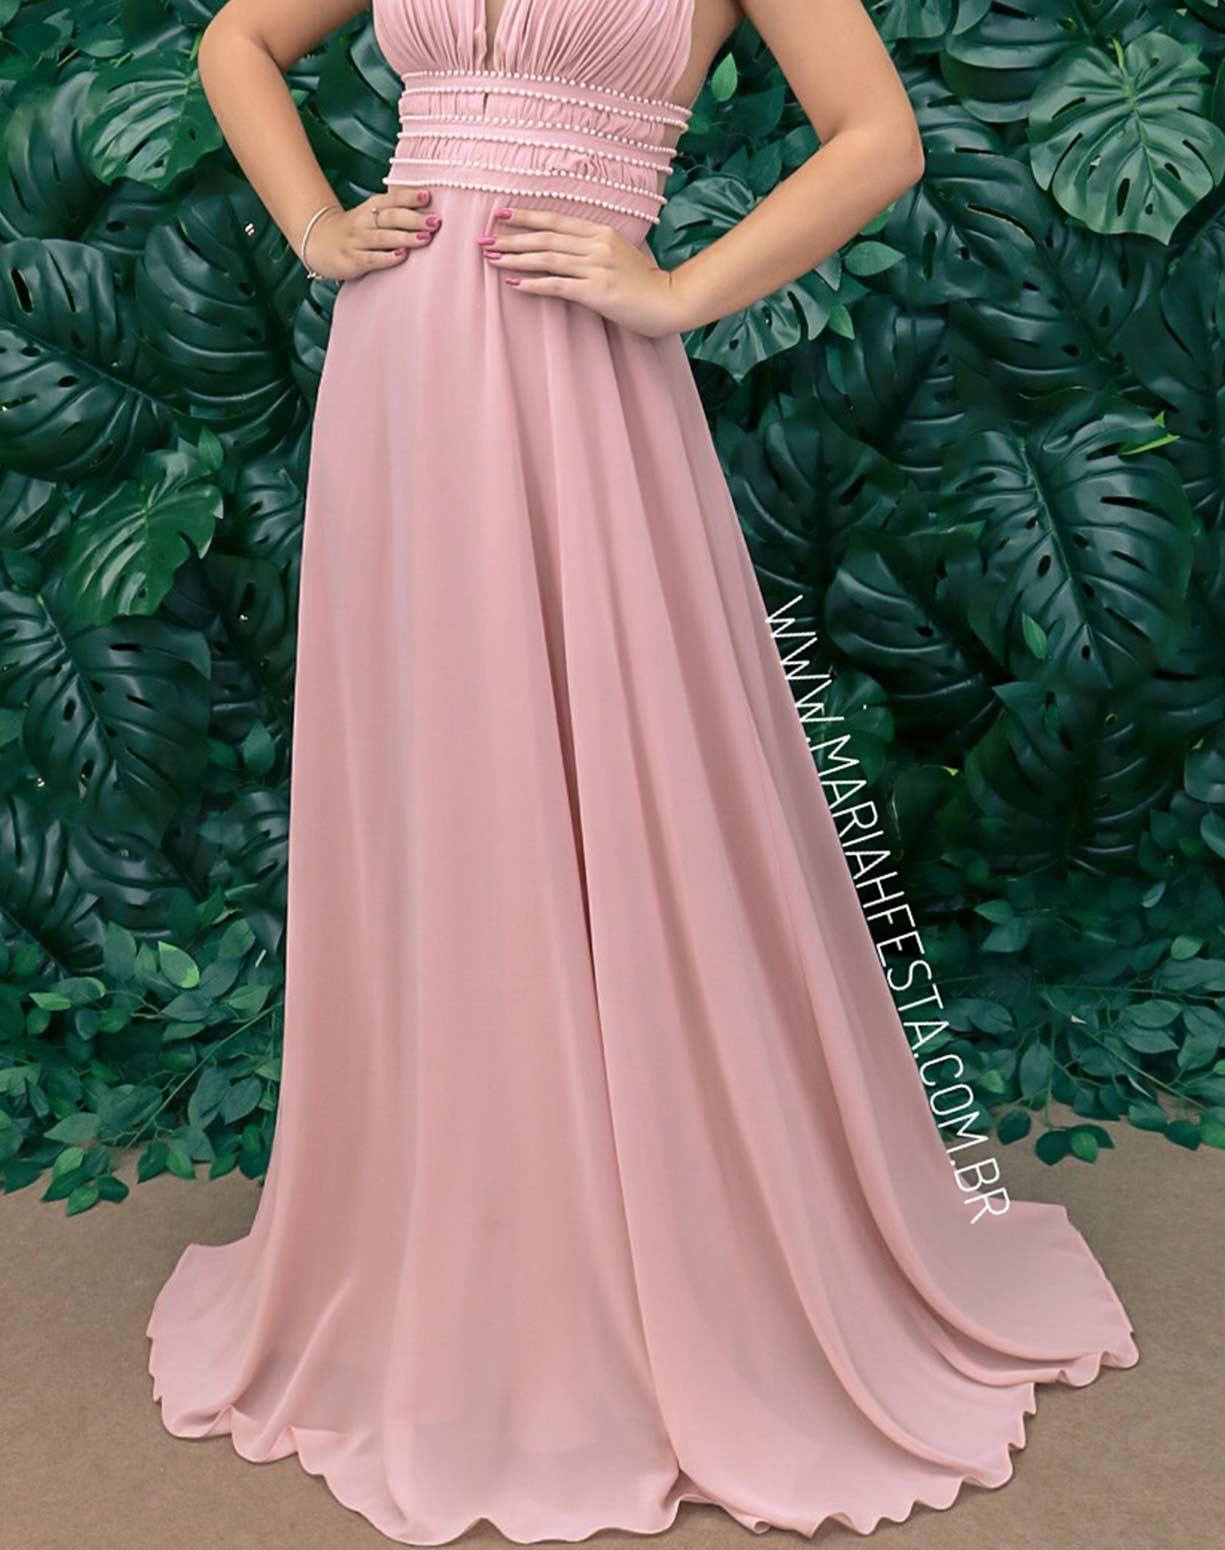 Vestido Rosê com Bordados em Pérolas